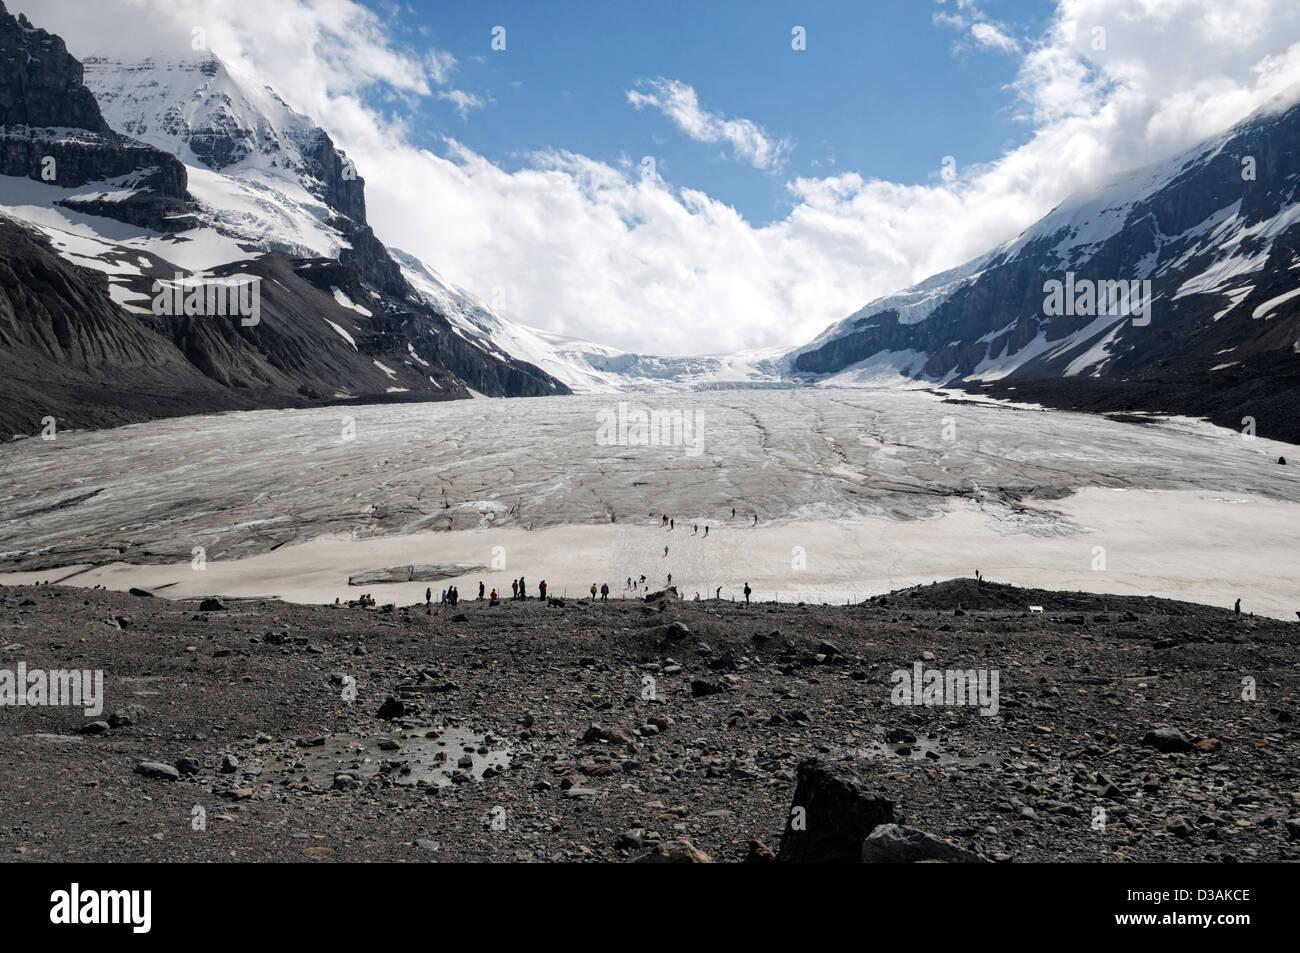 Glaciar Athabasca Columbia Icefield Parque Nacional Jasper Alberta Canada cambio climático retreat encoger Imagen De Stock